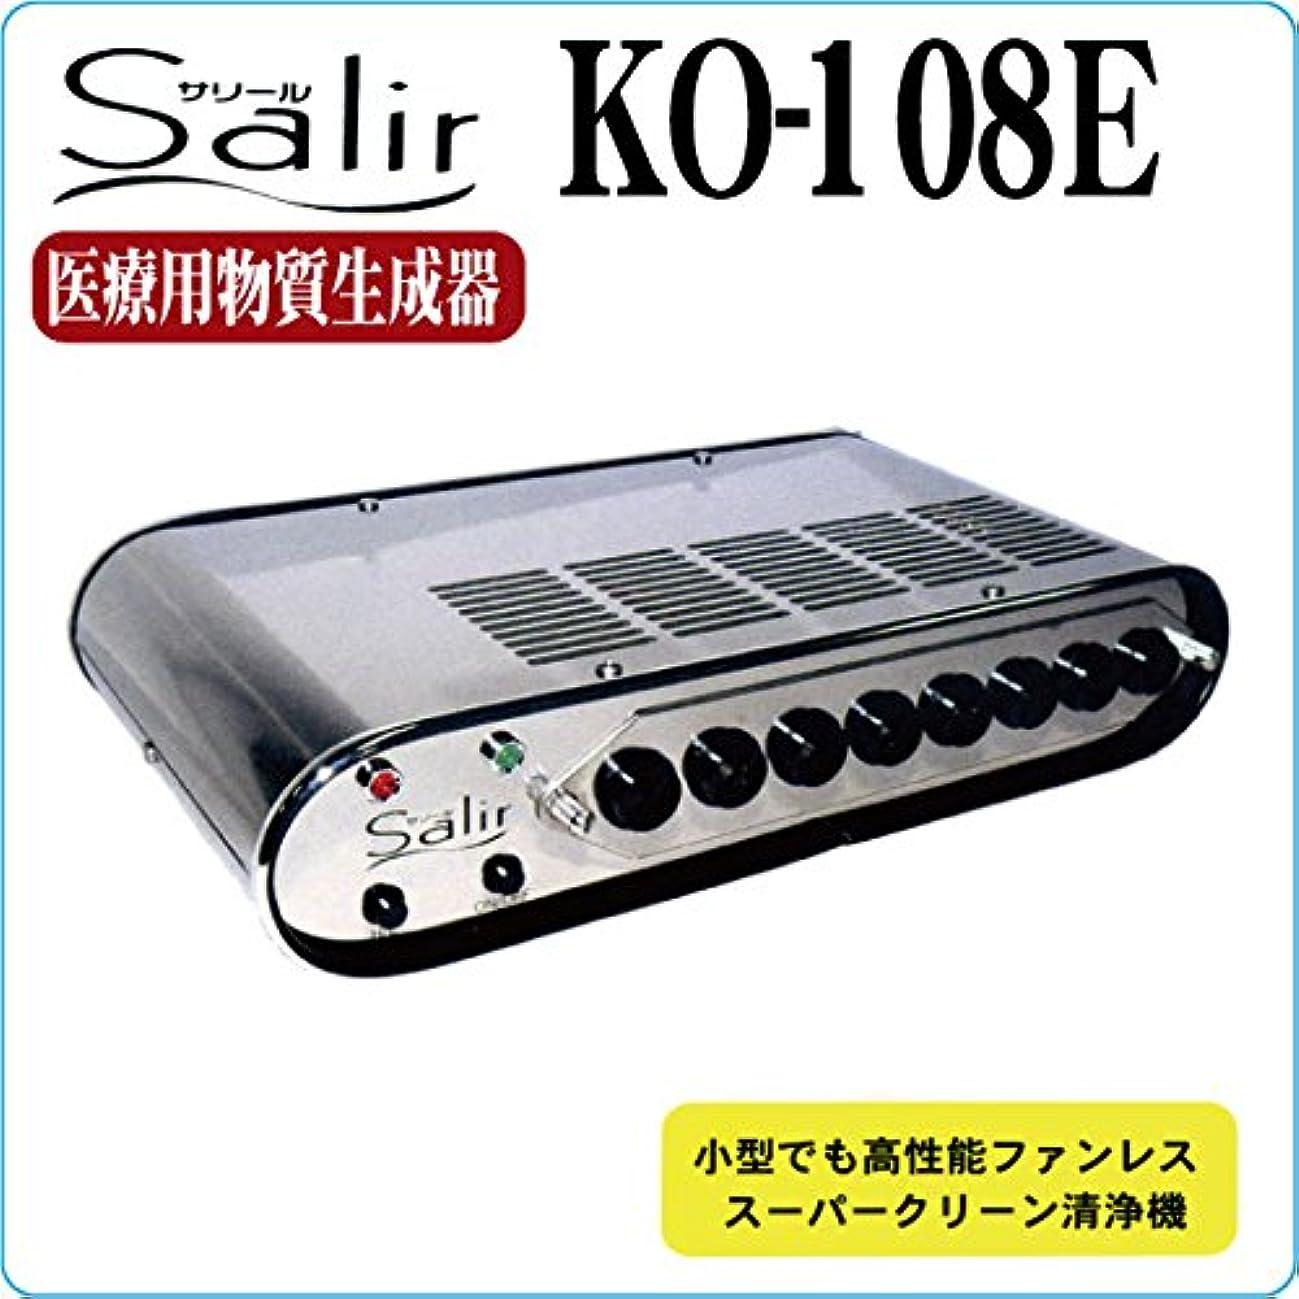 マラドロイトエレベーター同様の空気清浄活性器 Salir サリール KO-108E